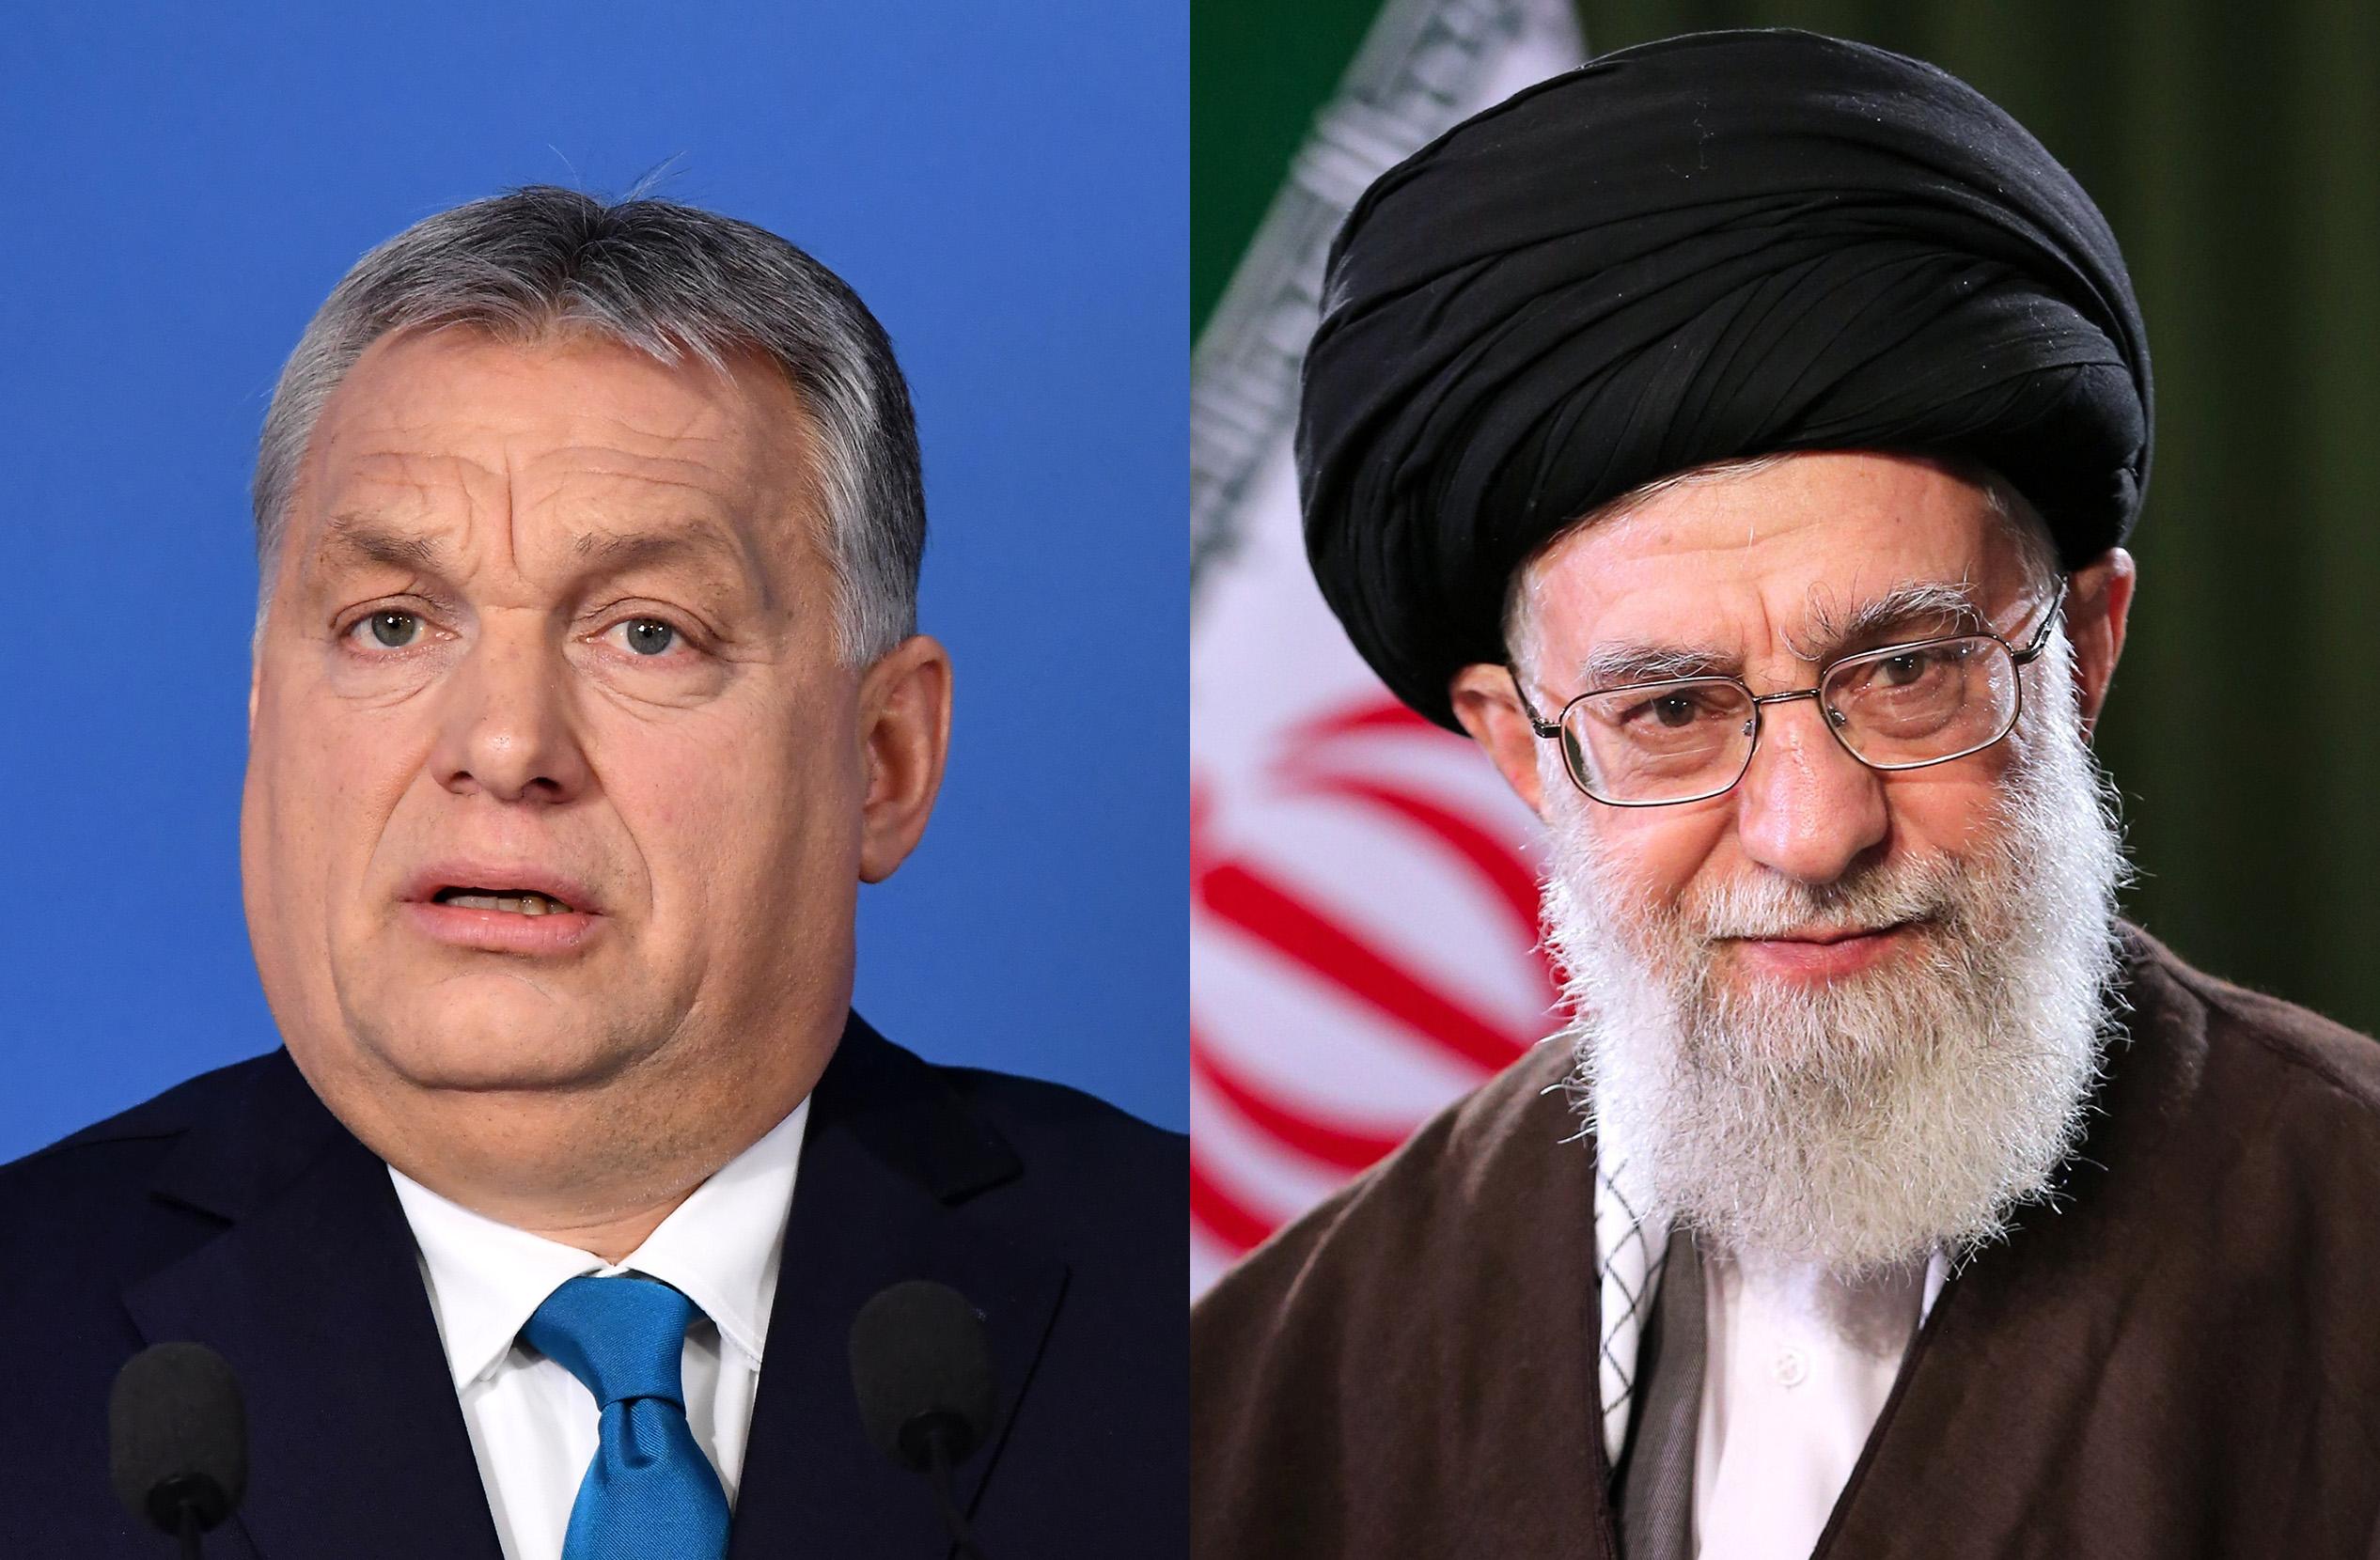 Itt van két szöveg, az egyiket Orbán Viktor, a másikat az iráni despota mondta